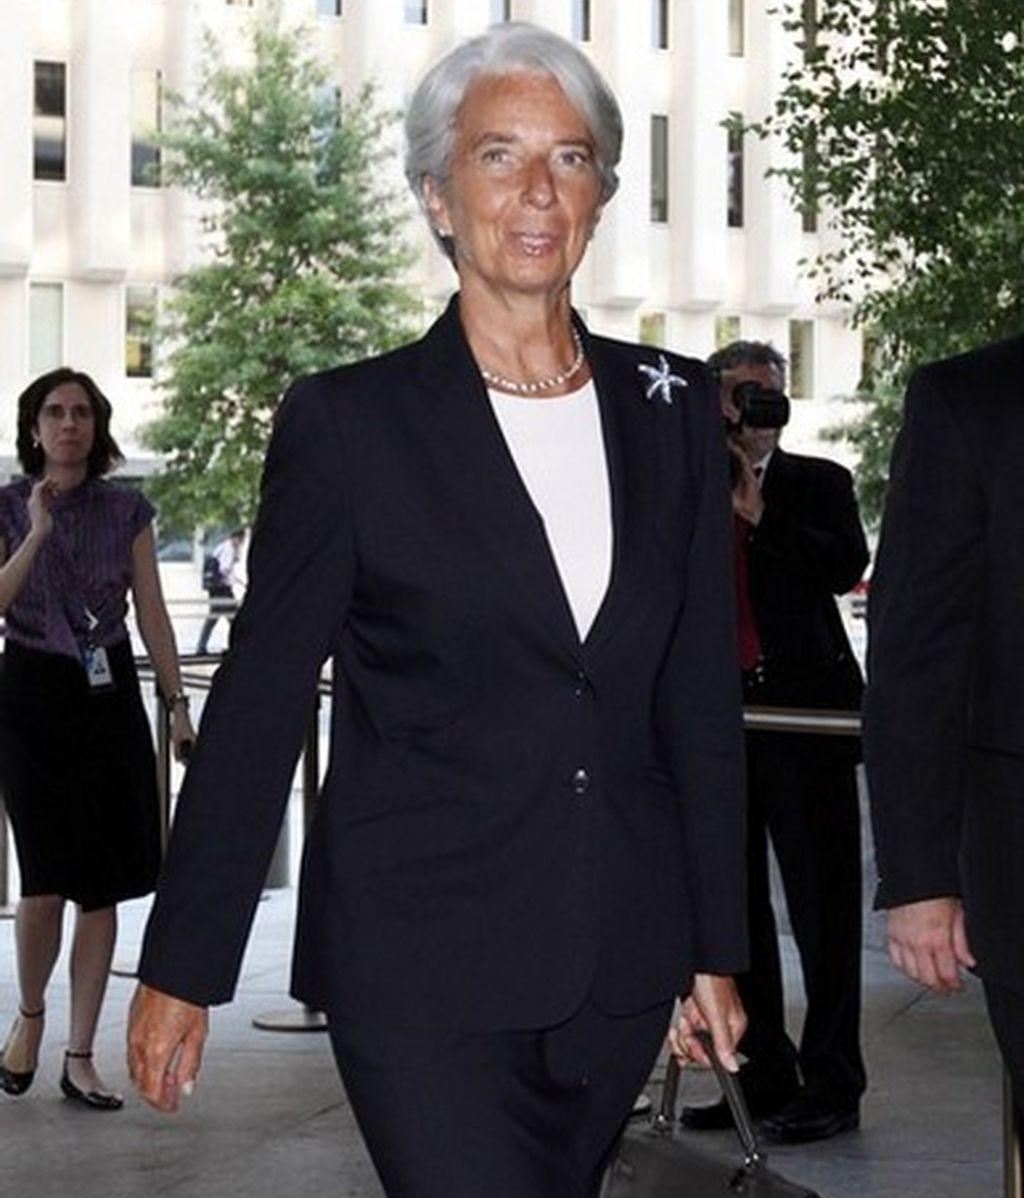 Christine Lagarde es la directora gerente del Fondo Monetario Internacional (FMI).